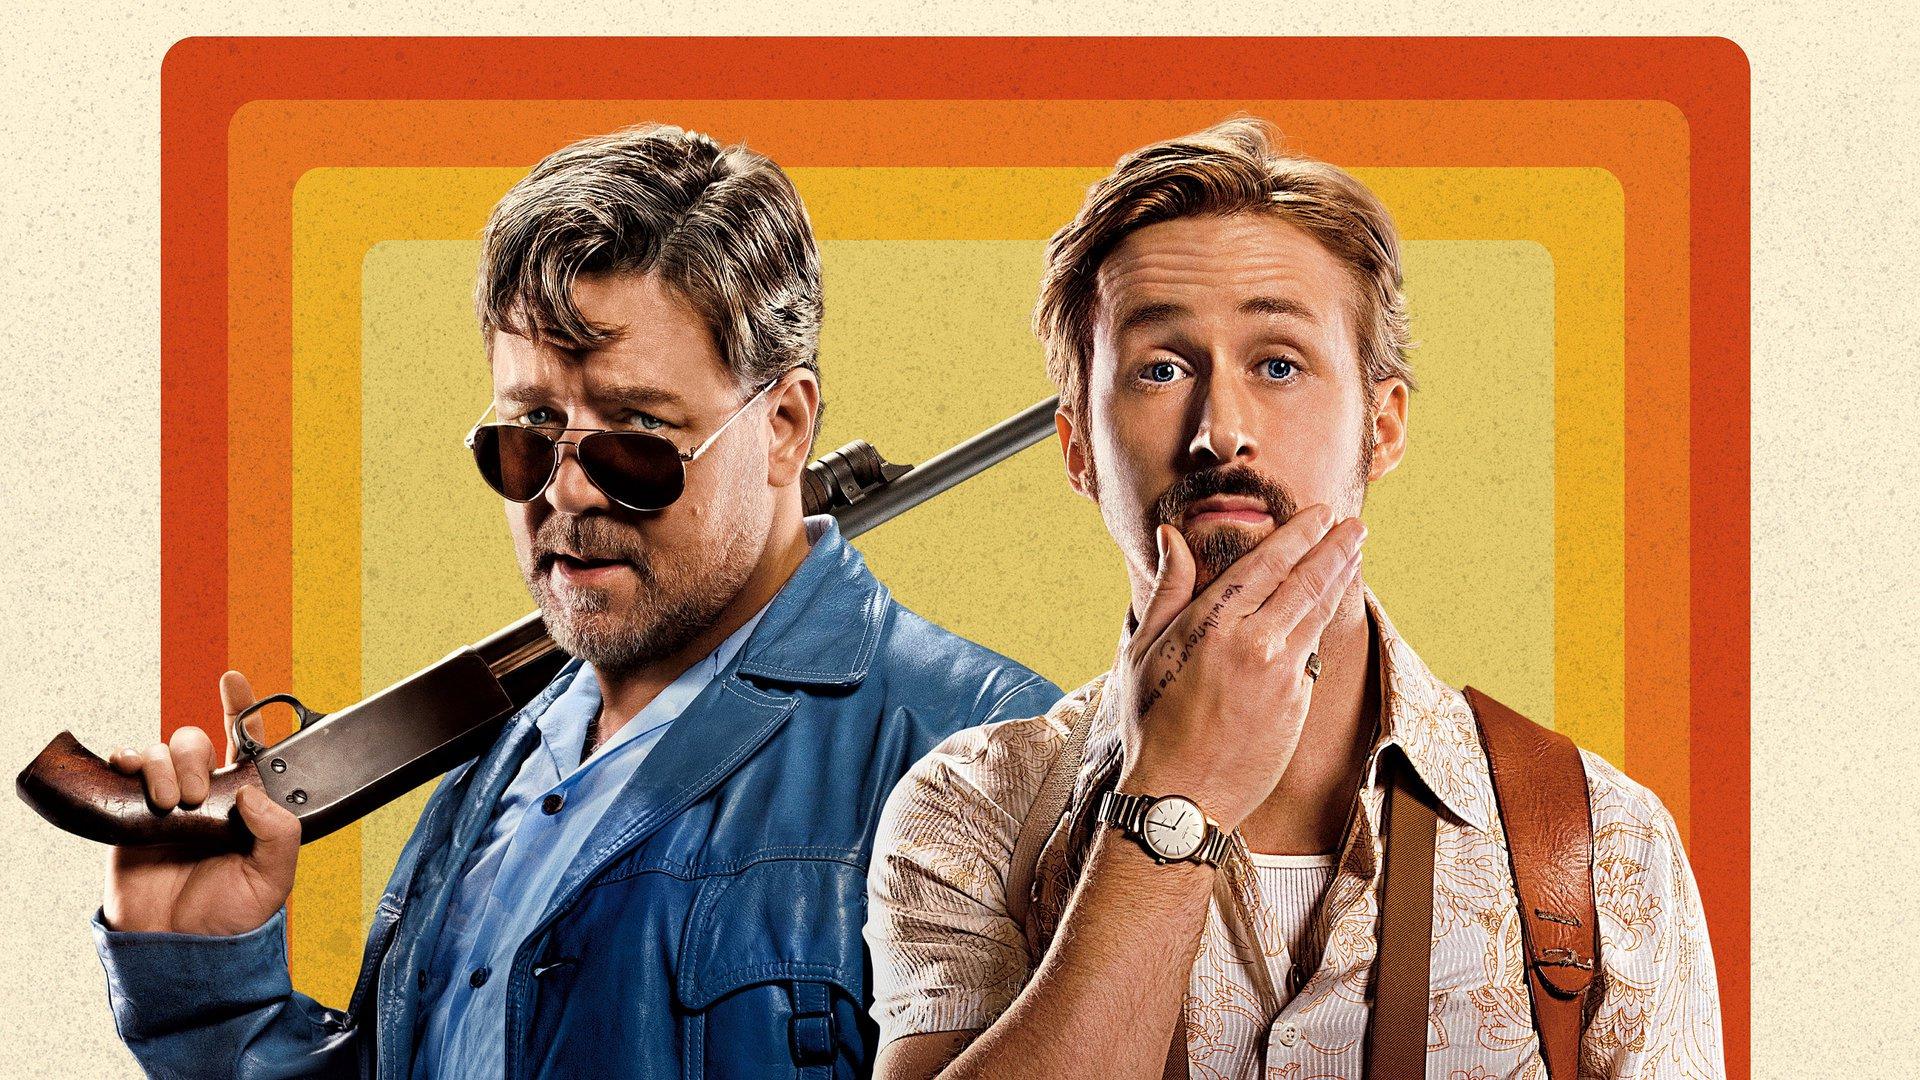 هنرنمایی Russell Crowe و Ryan Gosling در فیلم The Nice Guys ساختهی شین بلک